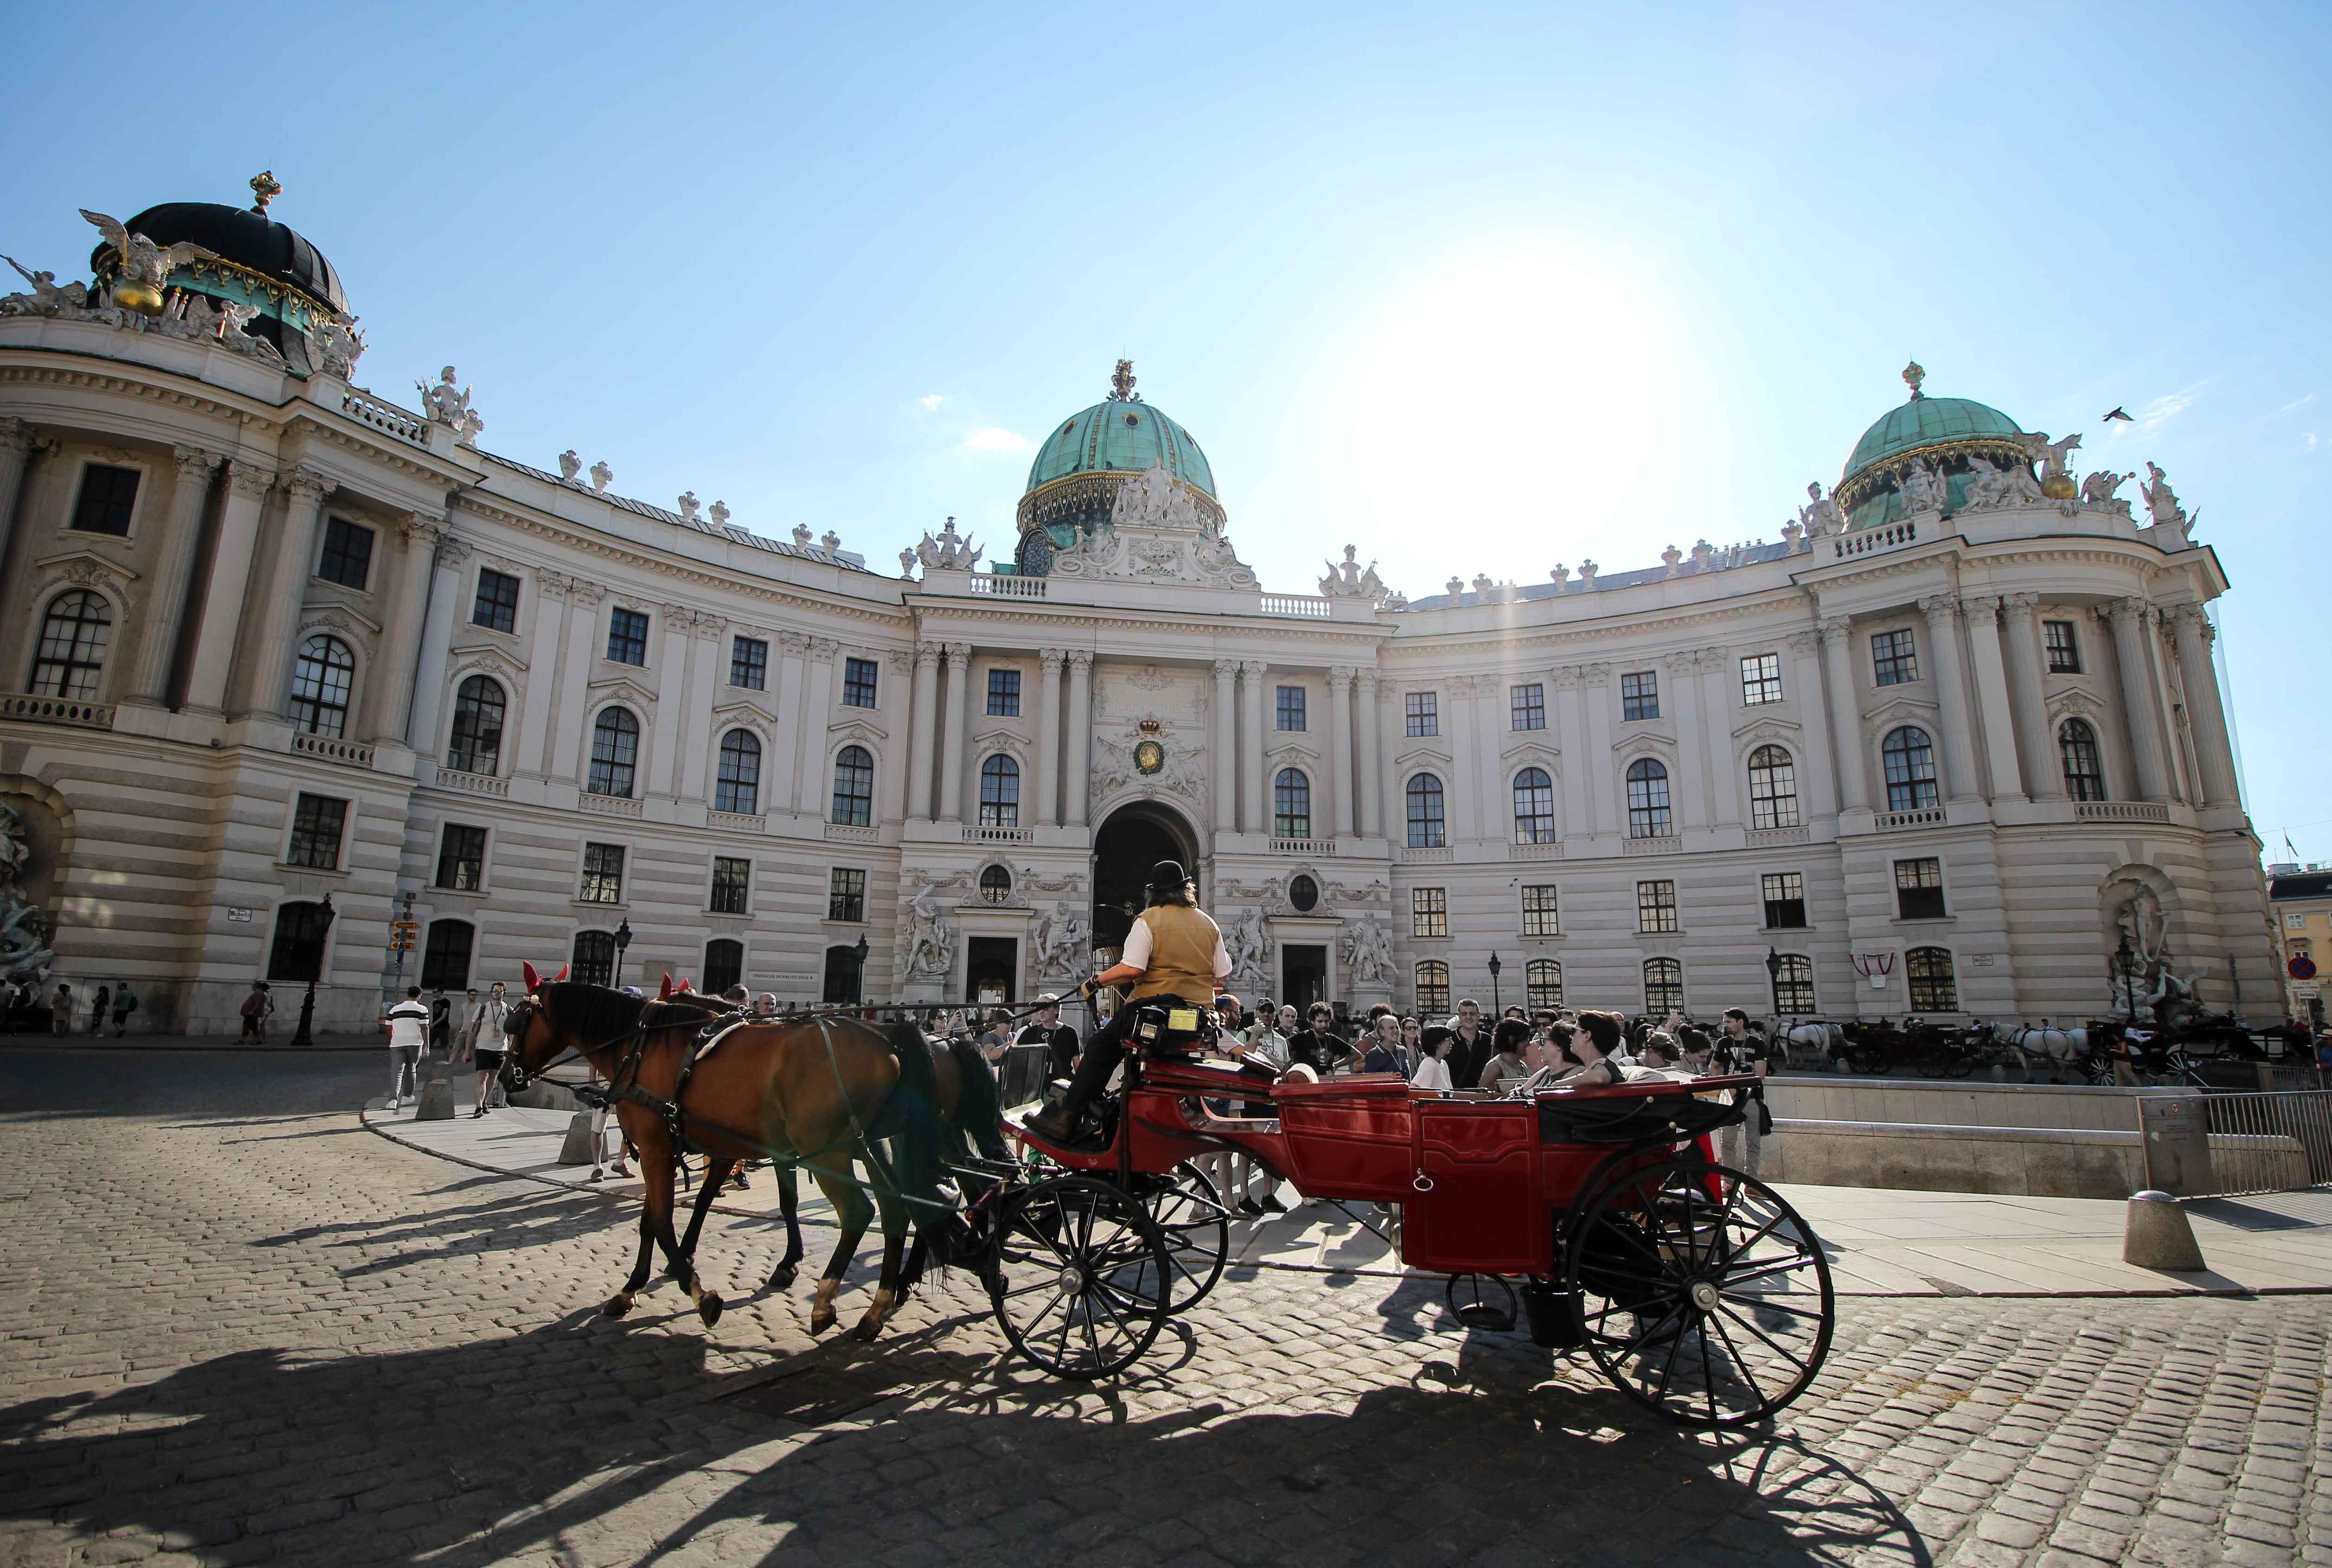 Wien Insider Tipps Sehenswürdigkeiten Wien Innenstadt Pferdekutsche Sightseeing Wien Vienna Donaukreuzfahrt Arosa